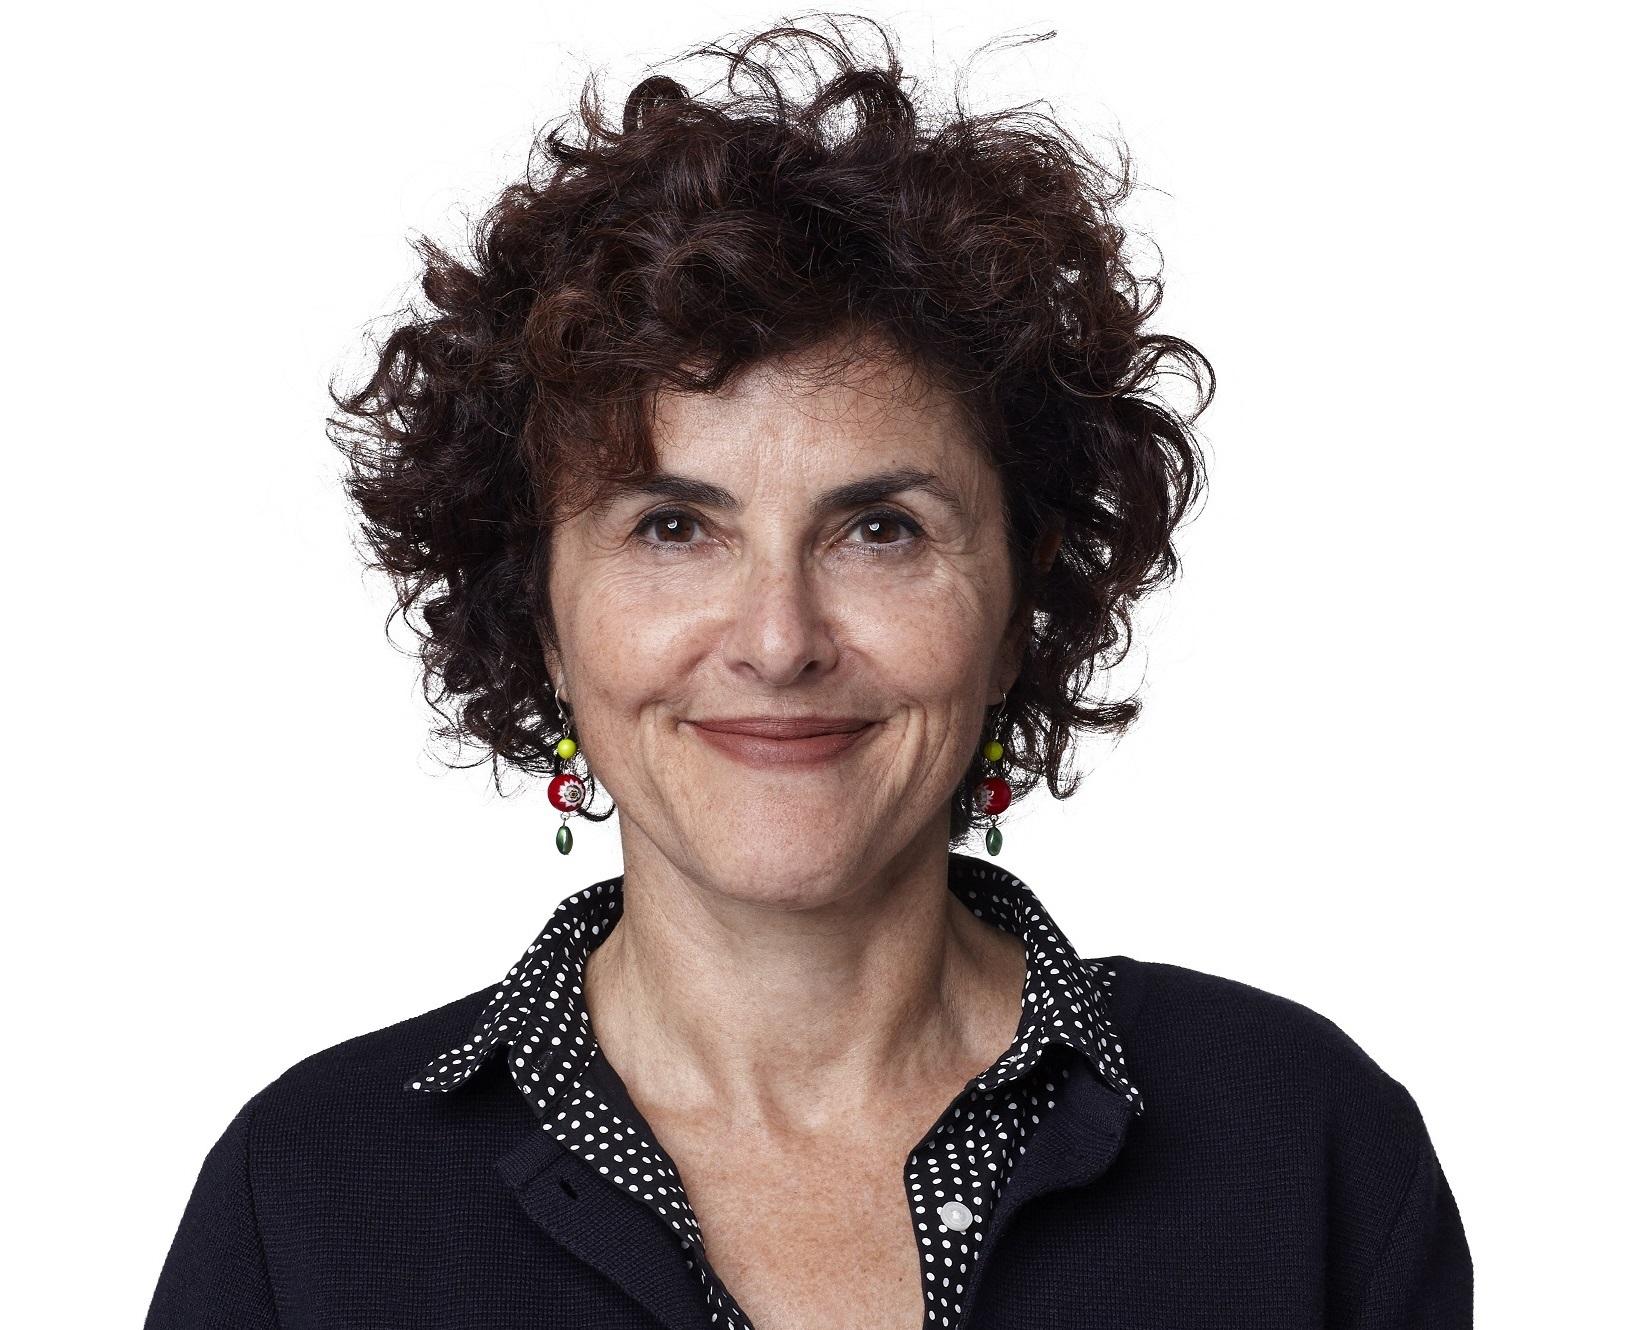 Velkommen til Tina Schwarz, ny sekretariatsleder i Det Jødiske Samfund